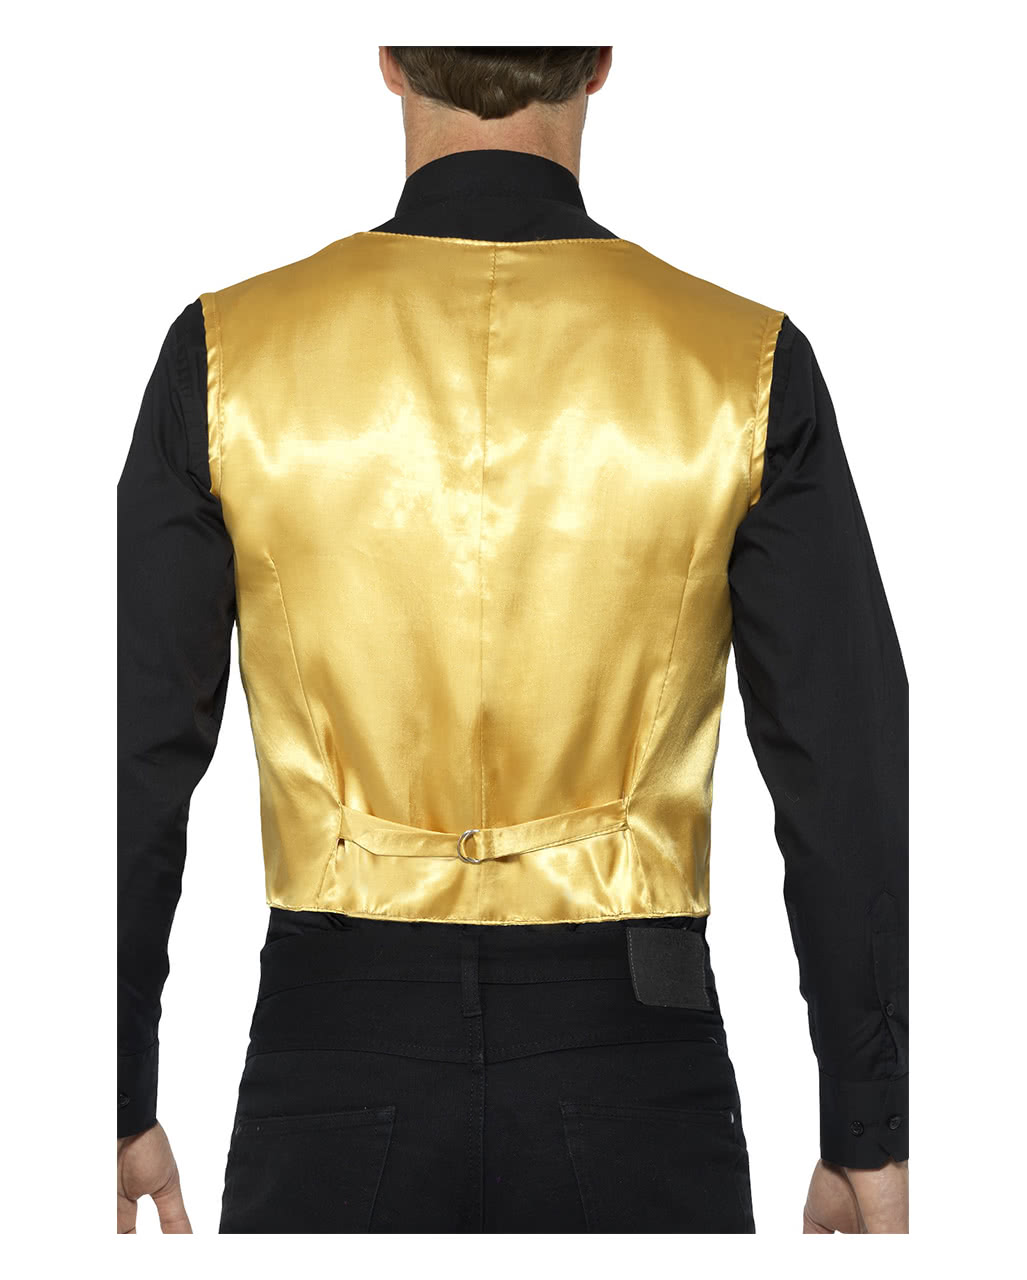 Suchergebnis auf für: pailletten t shirt Herren